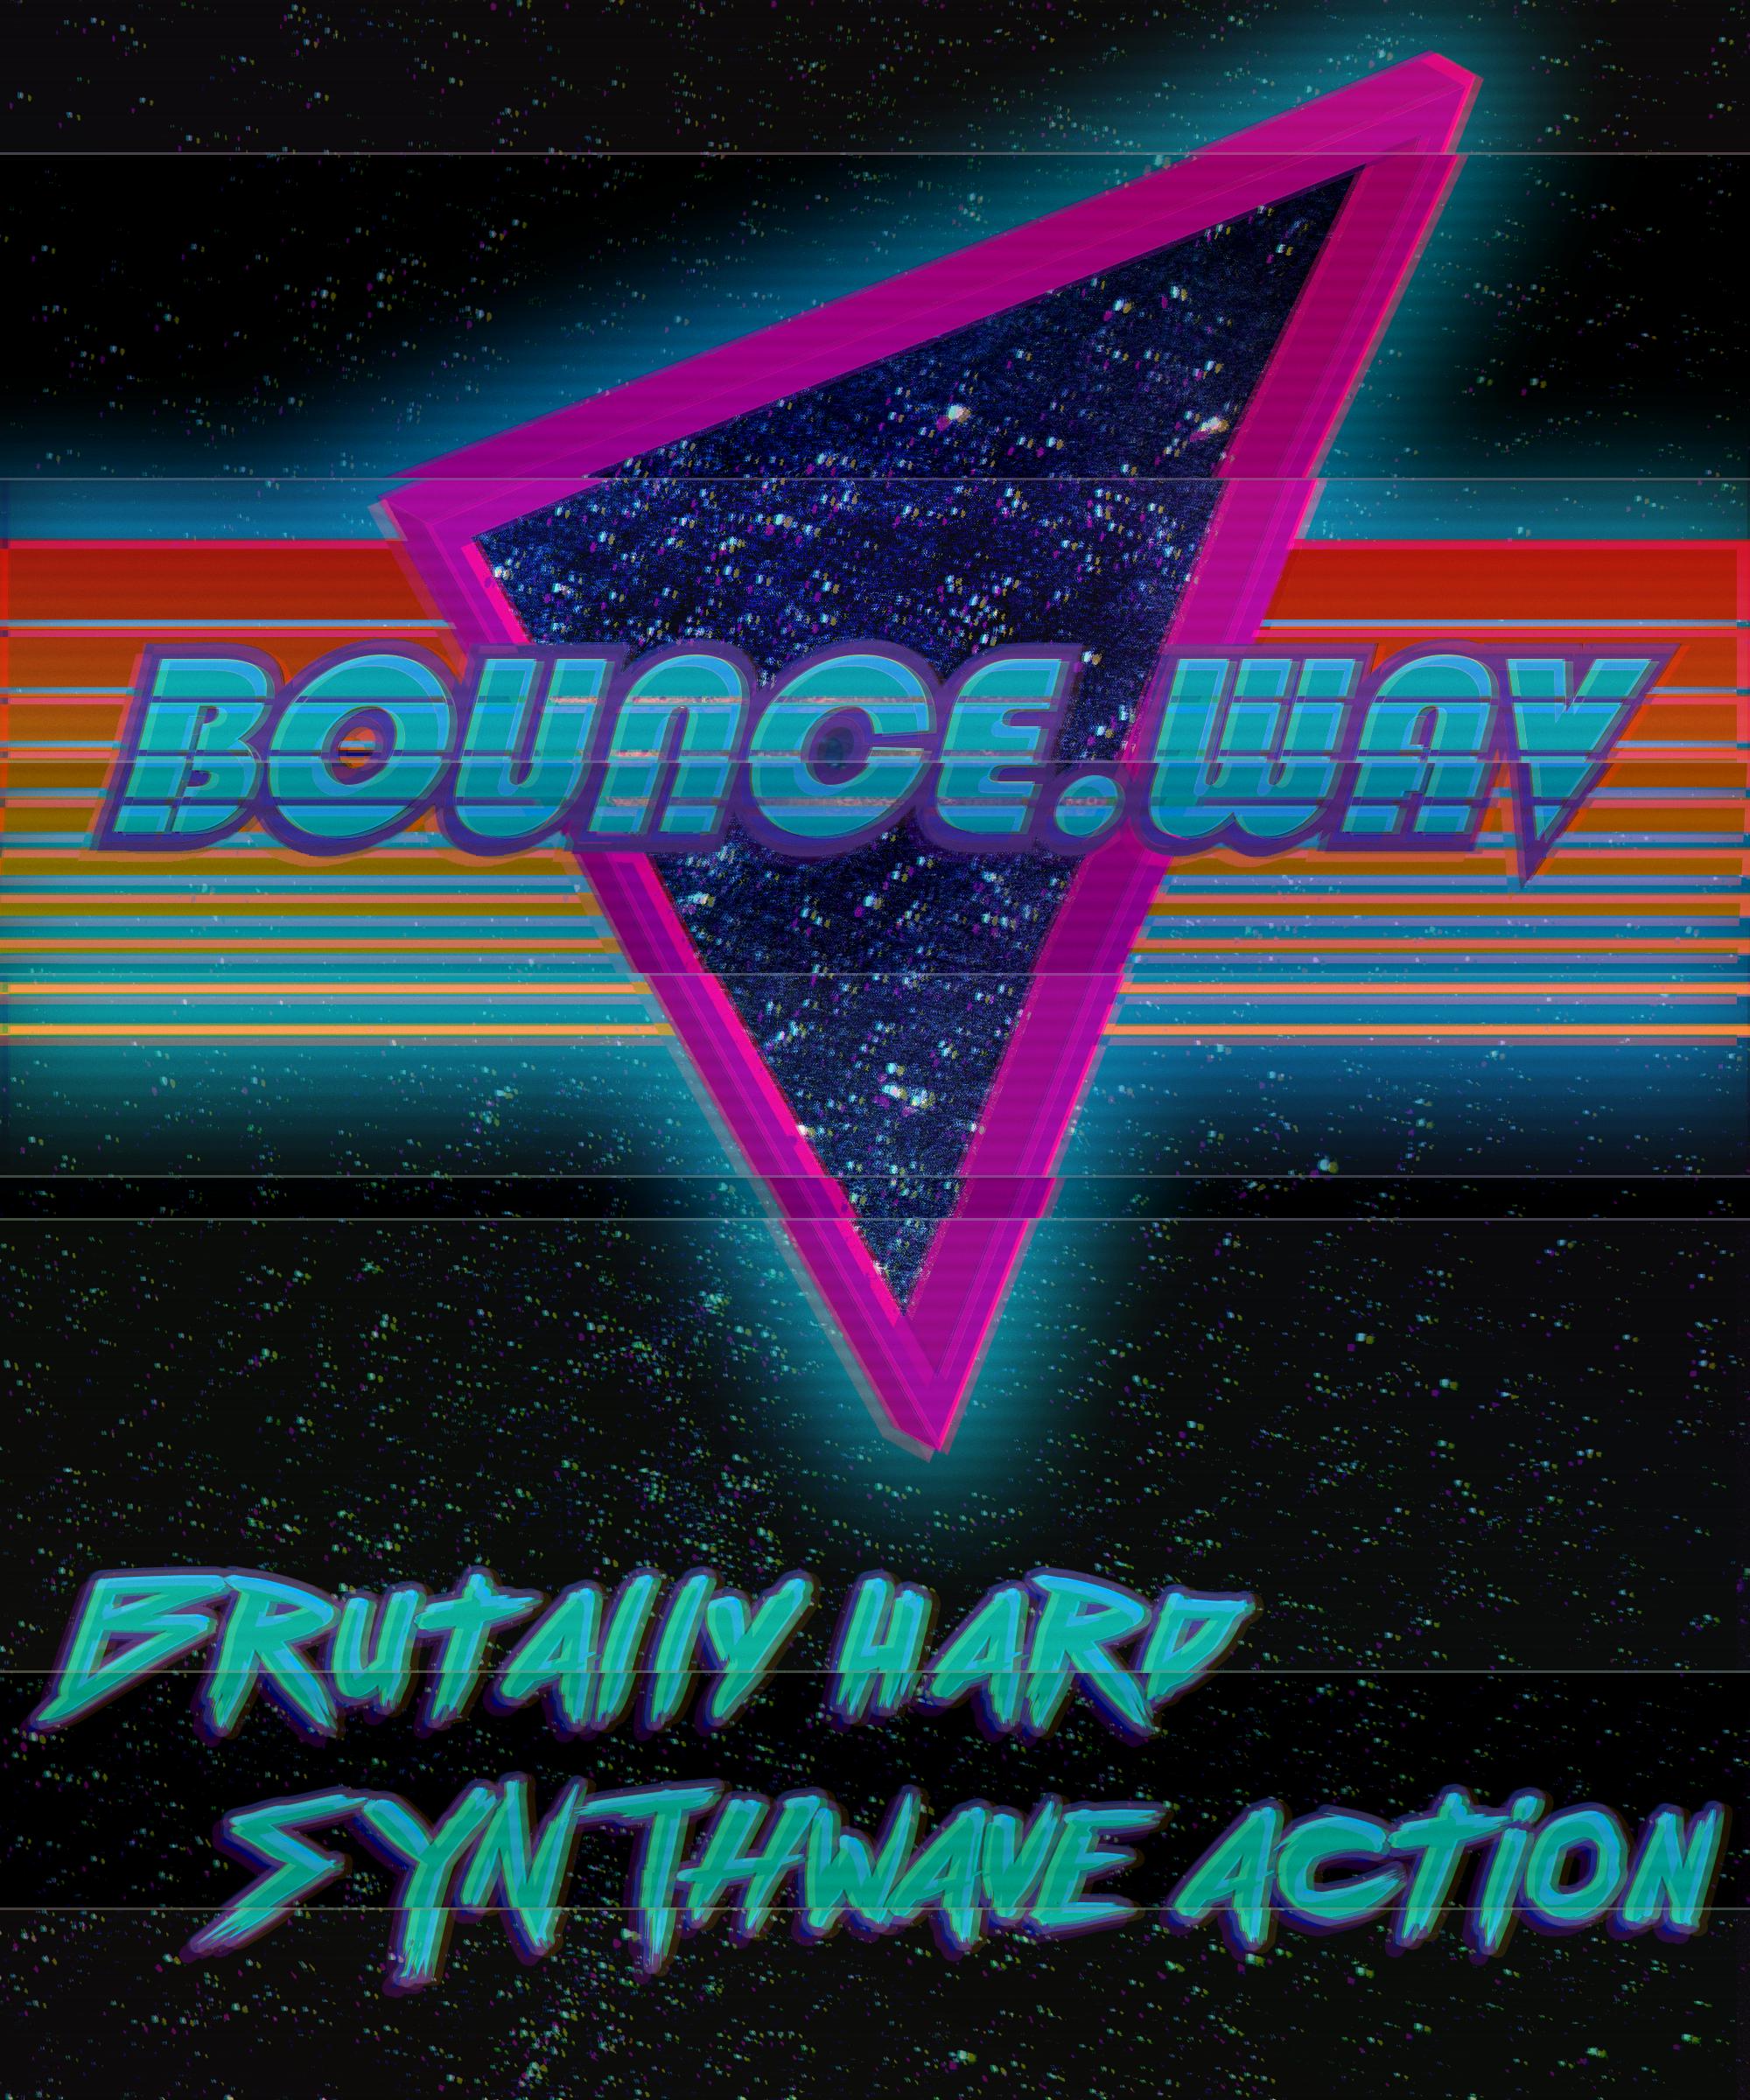 Bounce.wav